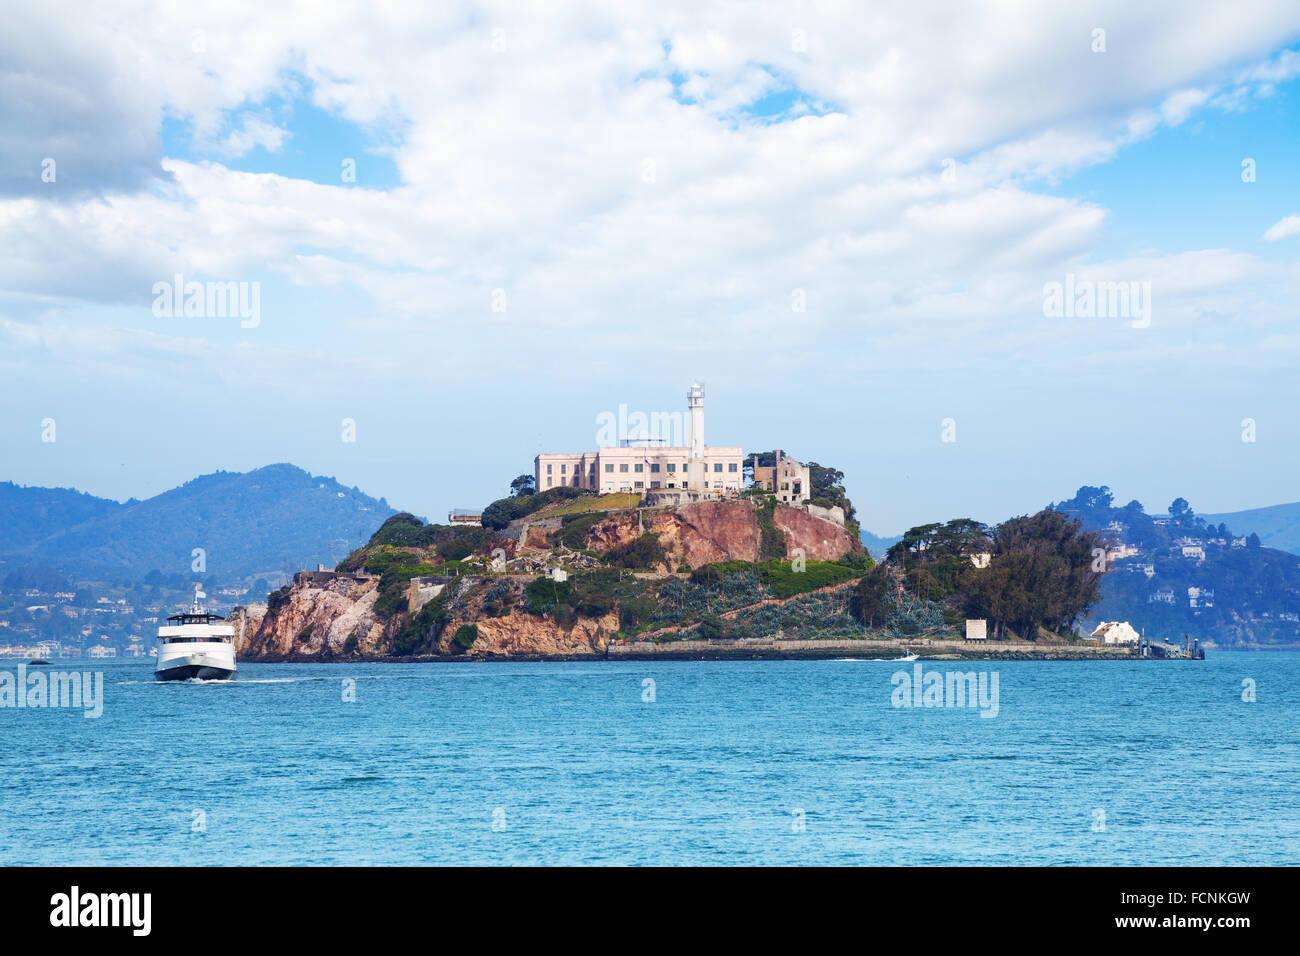 La isla de Alcatraz, en la bahía de San Francisco Foto de stock